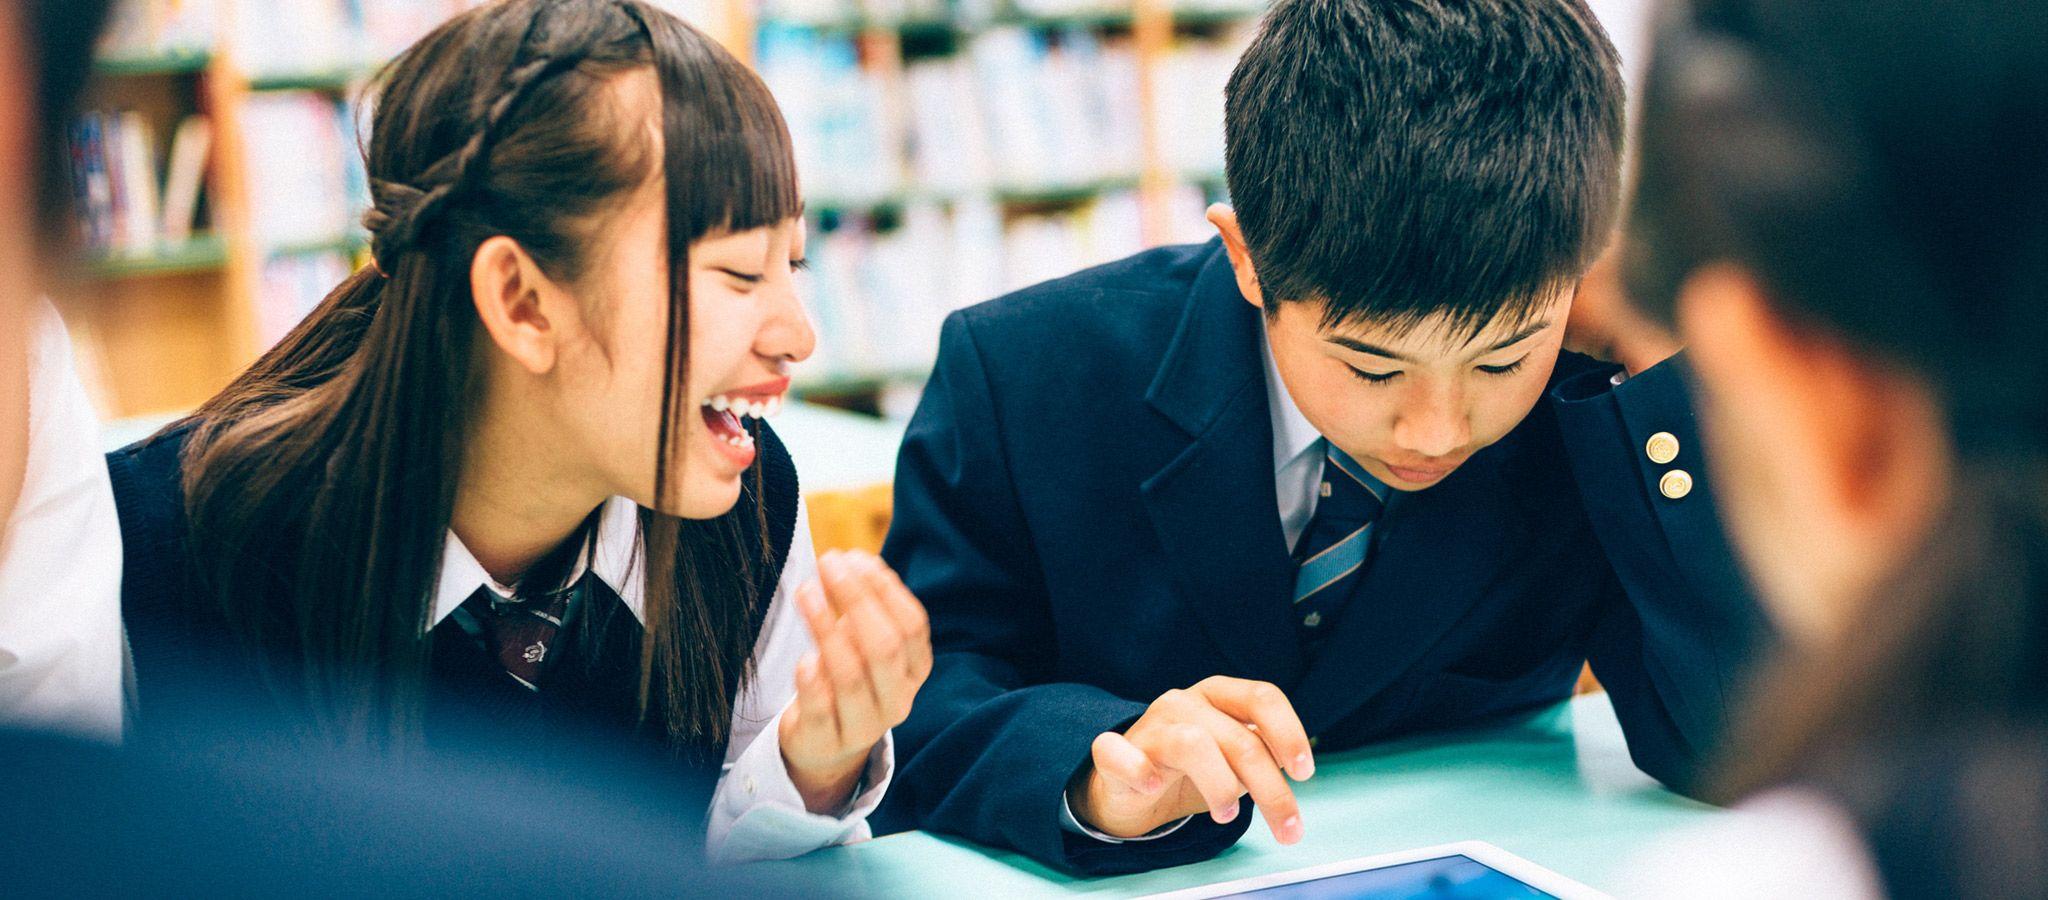 オンライン授業は教員の負担を増大させる?